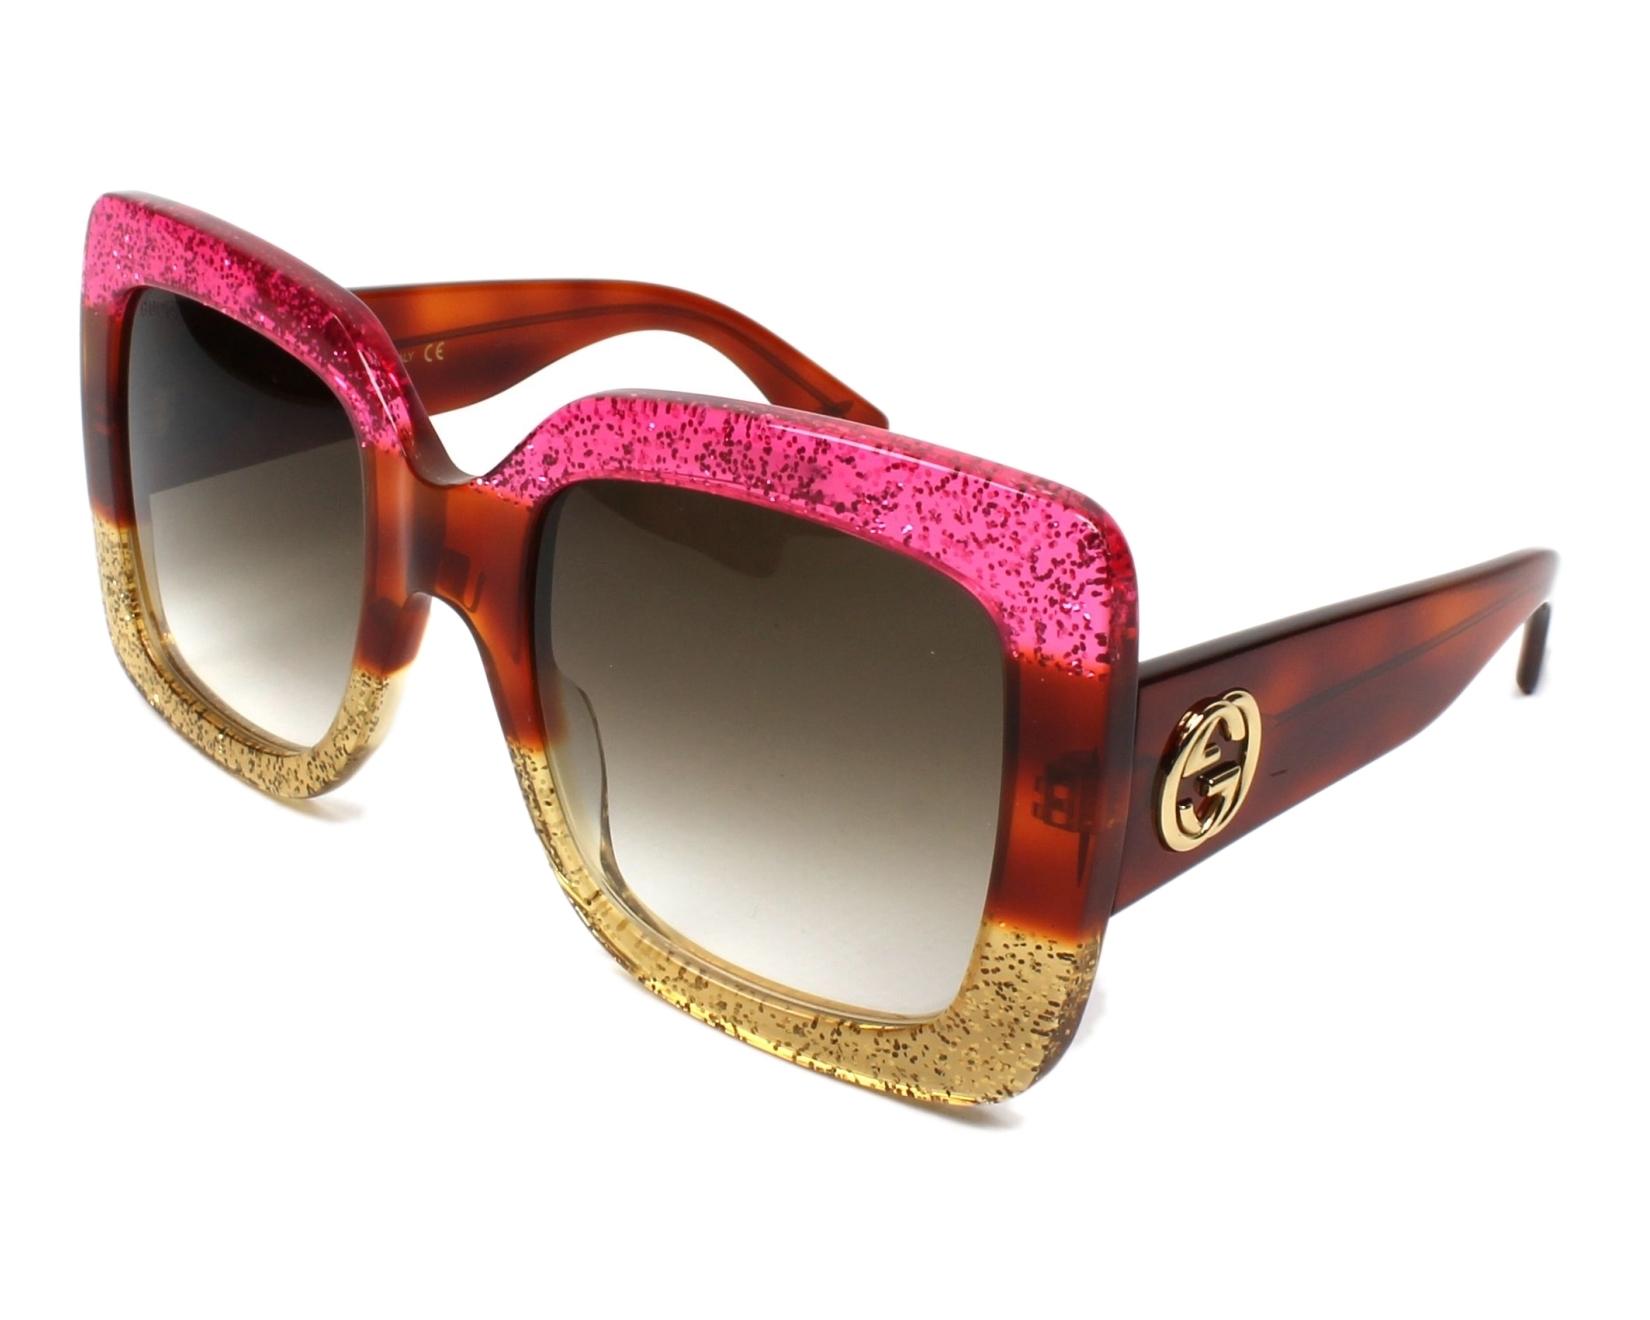 2622686b9d7 Sunglasses Gucci GG-0083-S 002 55-24 Fuchsia Brown profile view